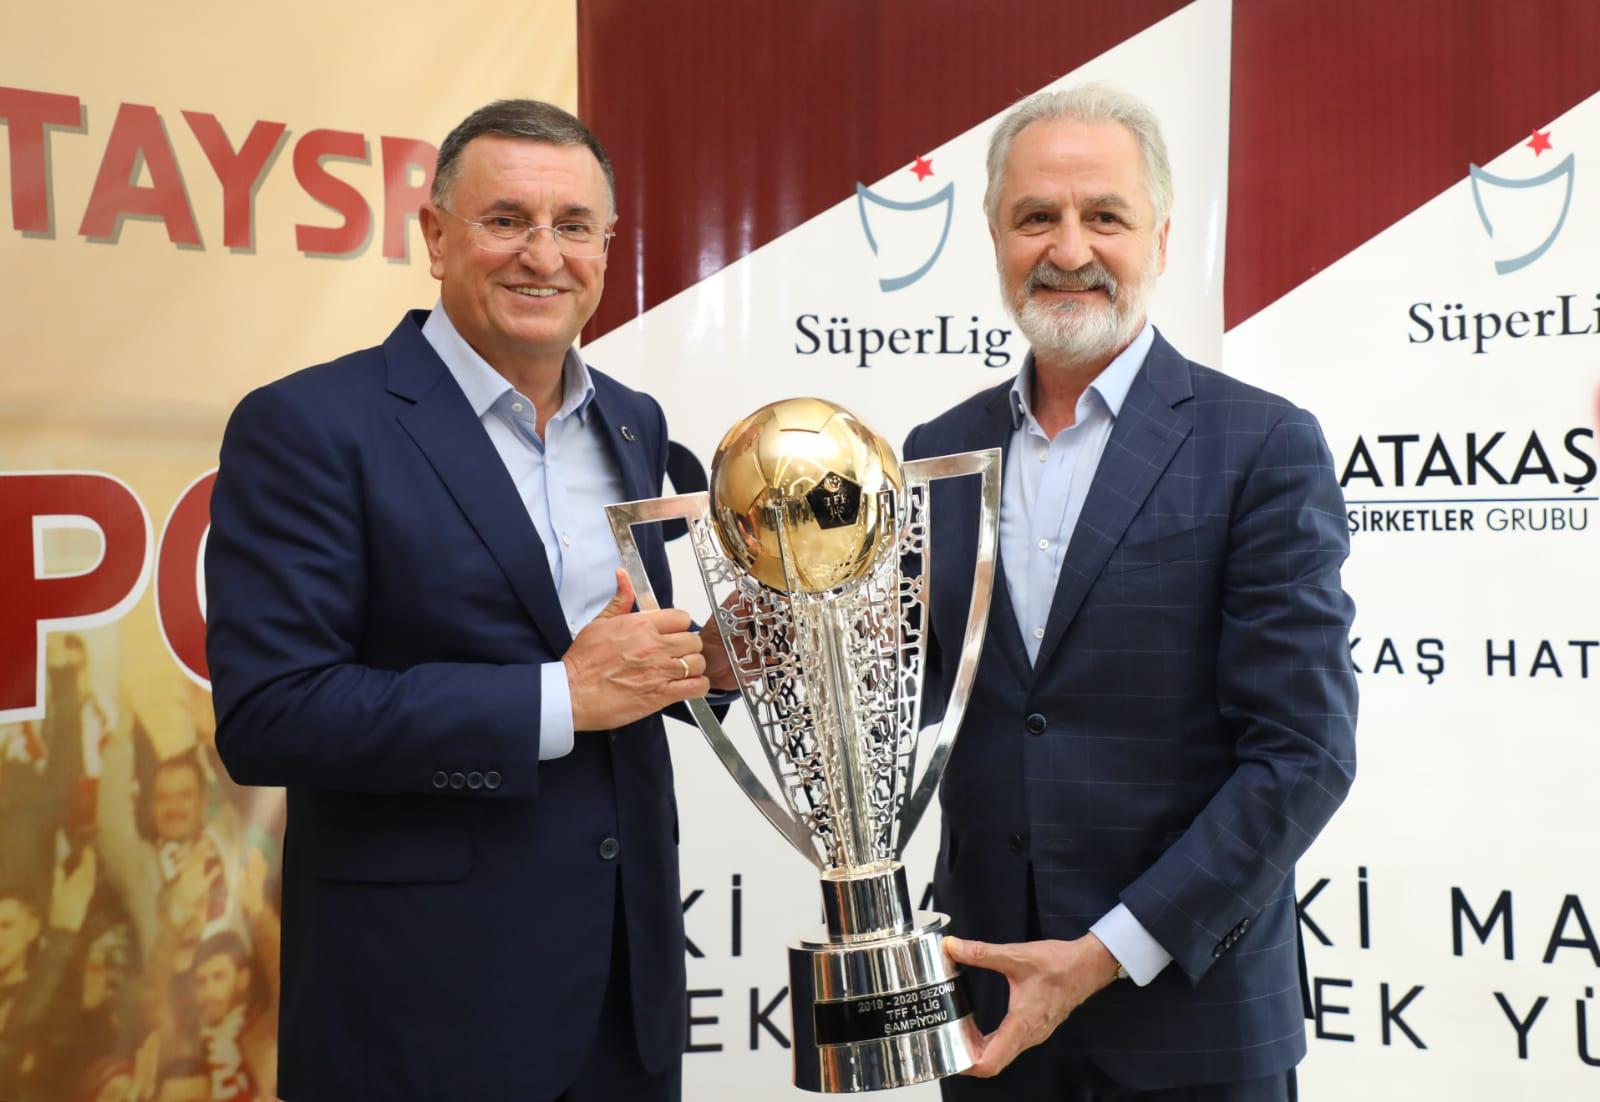 ATAKAŞ Hatayspor'un Şampiyonluk Kupası İTSO'da Ziyarete Açılıyor